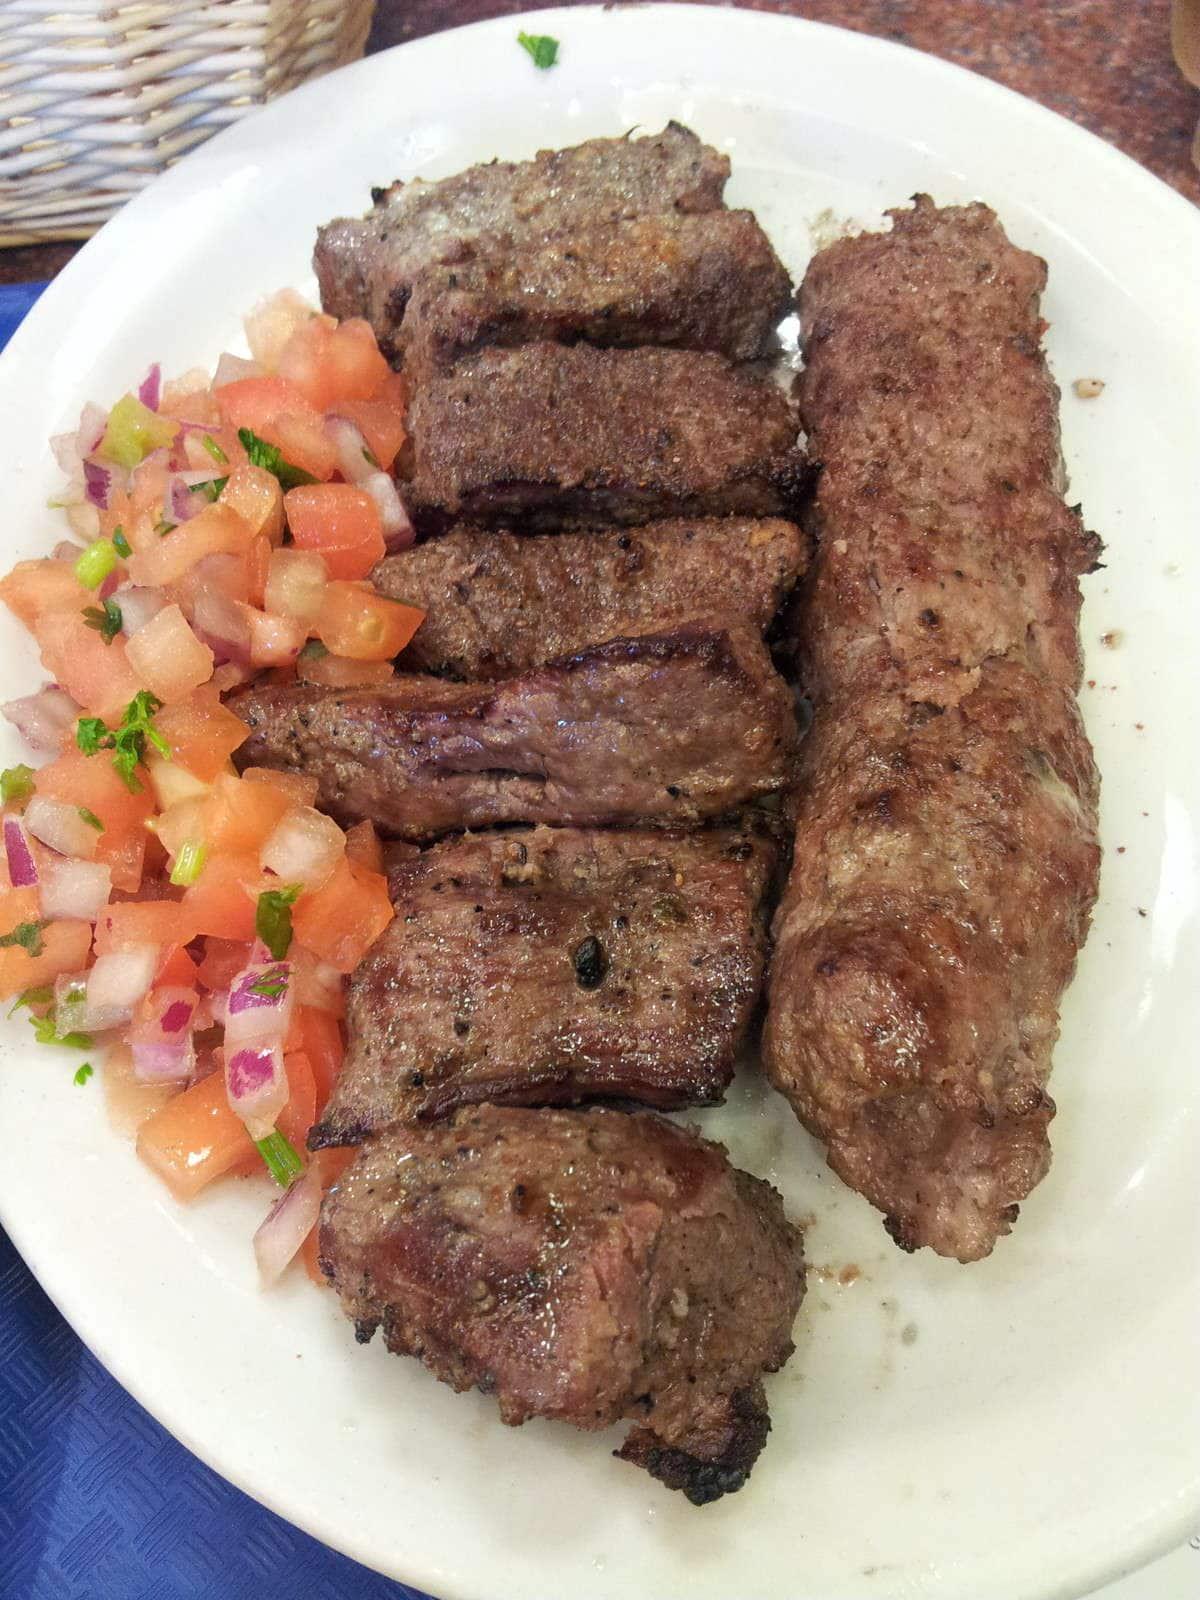 Food sisterhood 39 s photo for bamiyan kabob for Afghan kabob cuisine mississauga